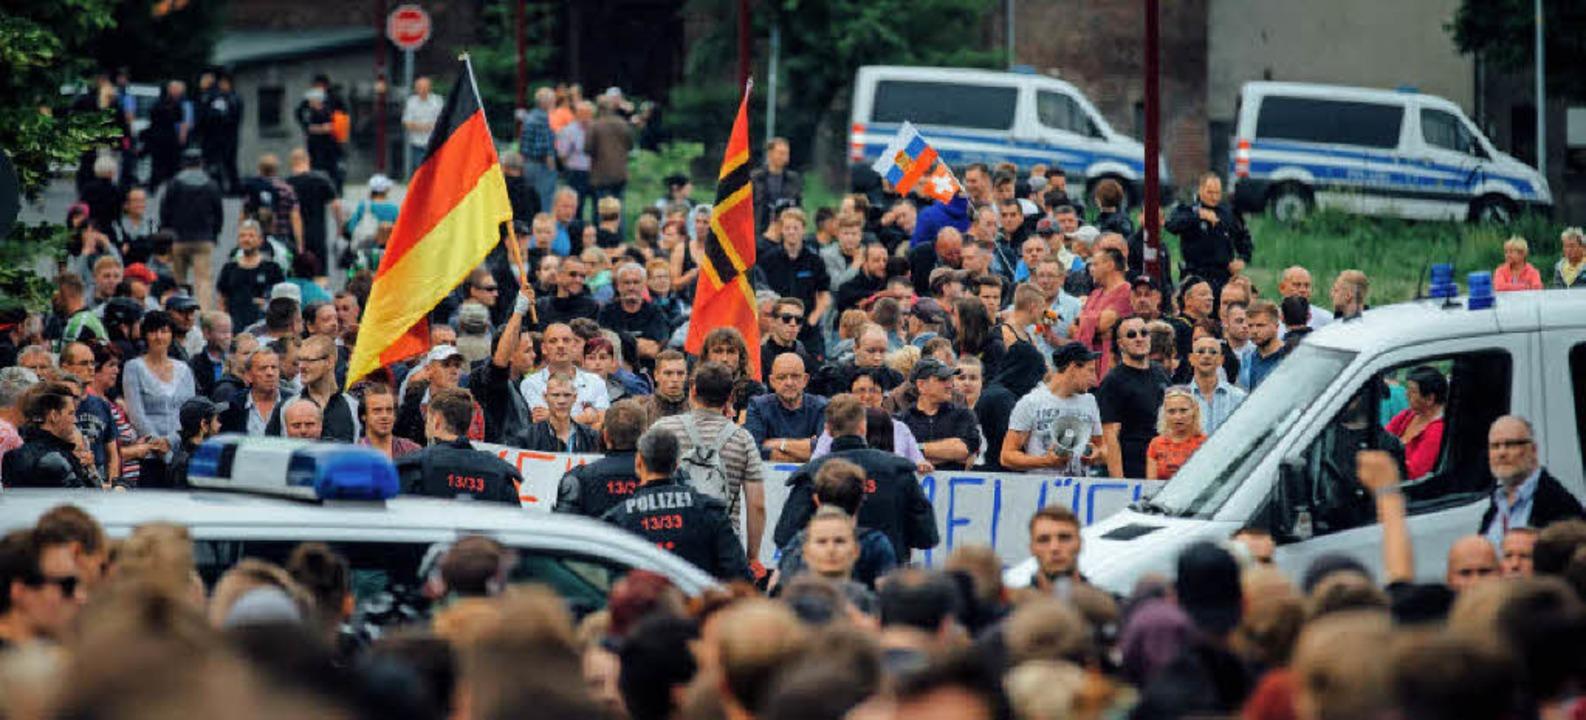 Kundgebung vor Freitaler Flüchtlingsheim  | Foto: Oliver Killig